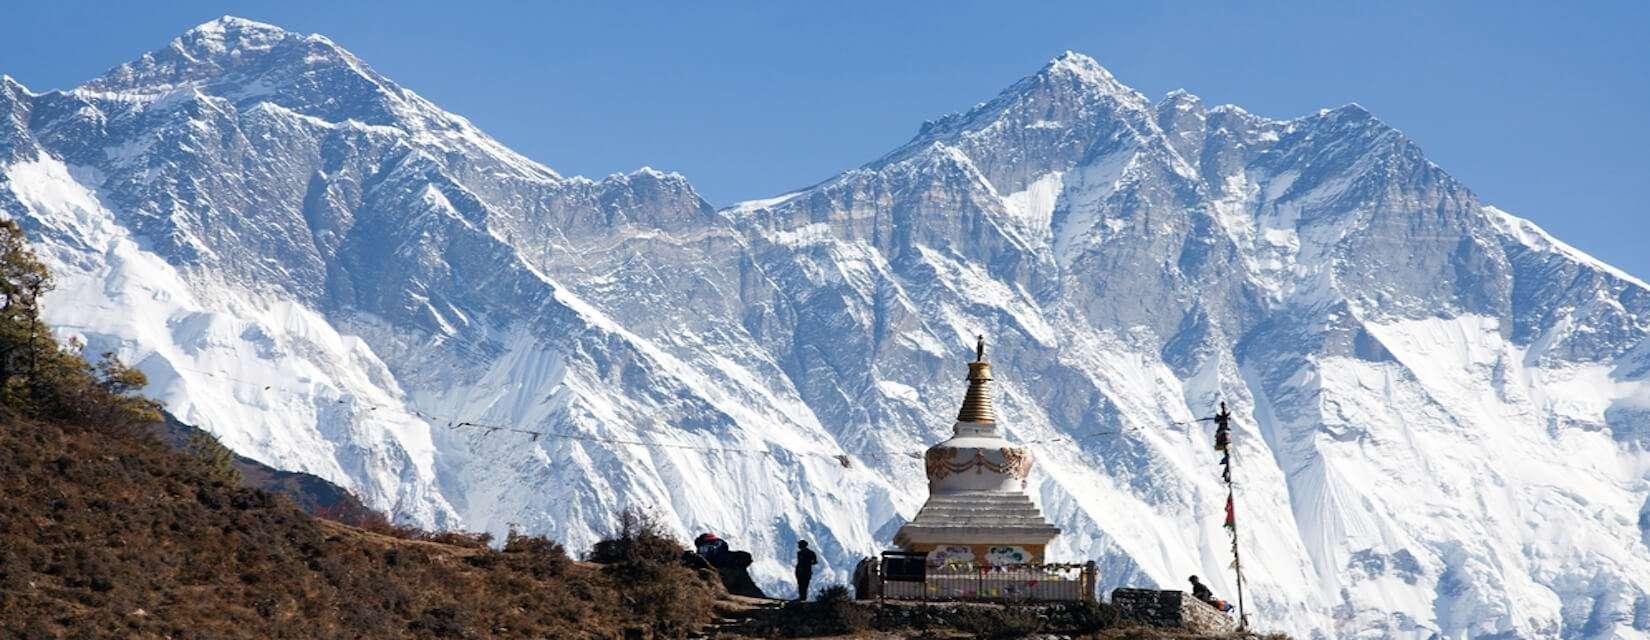 Everest Base Camp Kala Pattar Trek